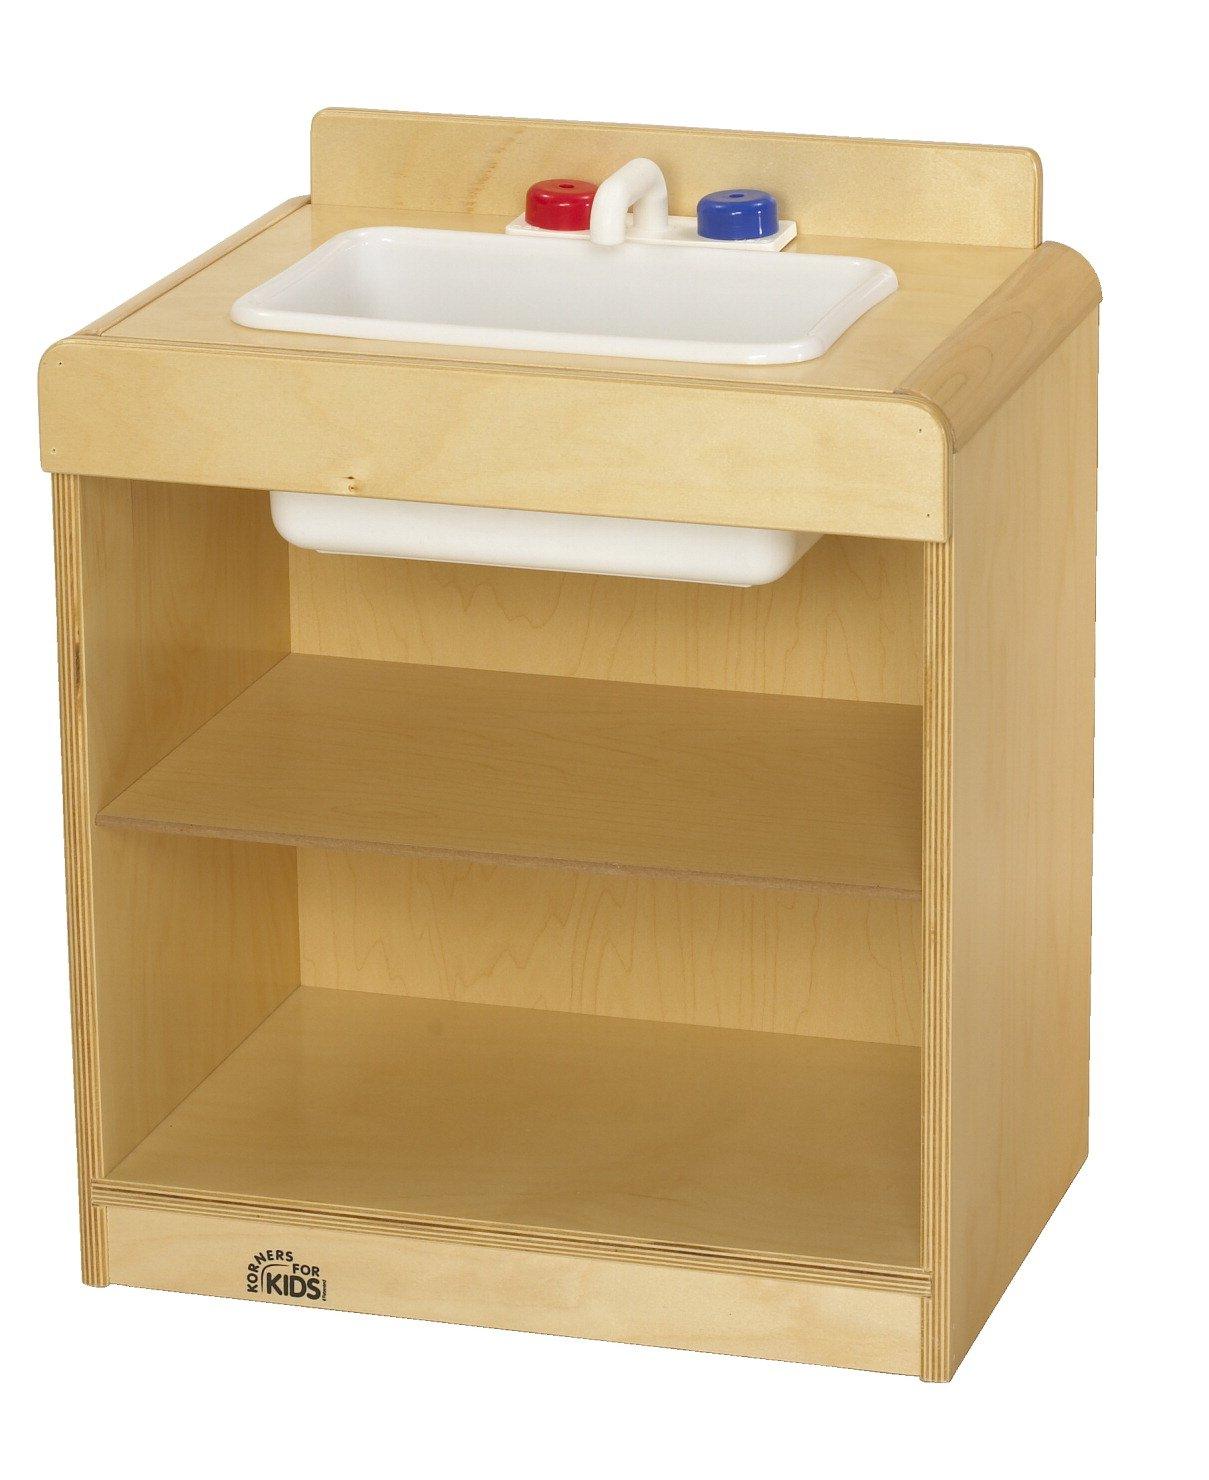 Childcraft Korners For Kids Toddler Sink